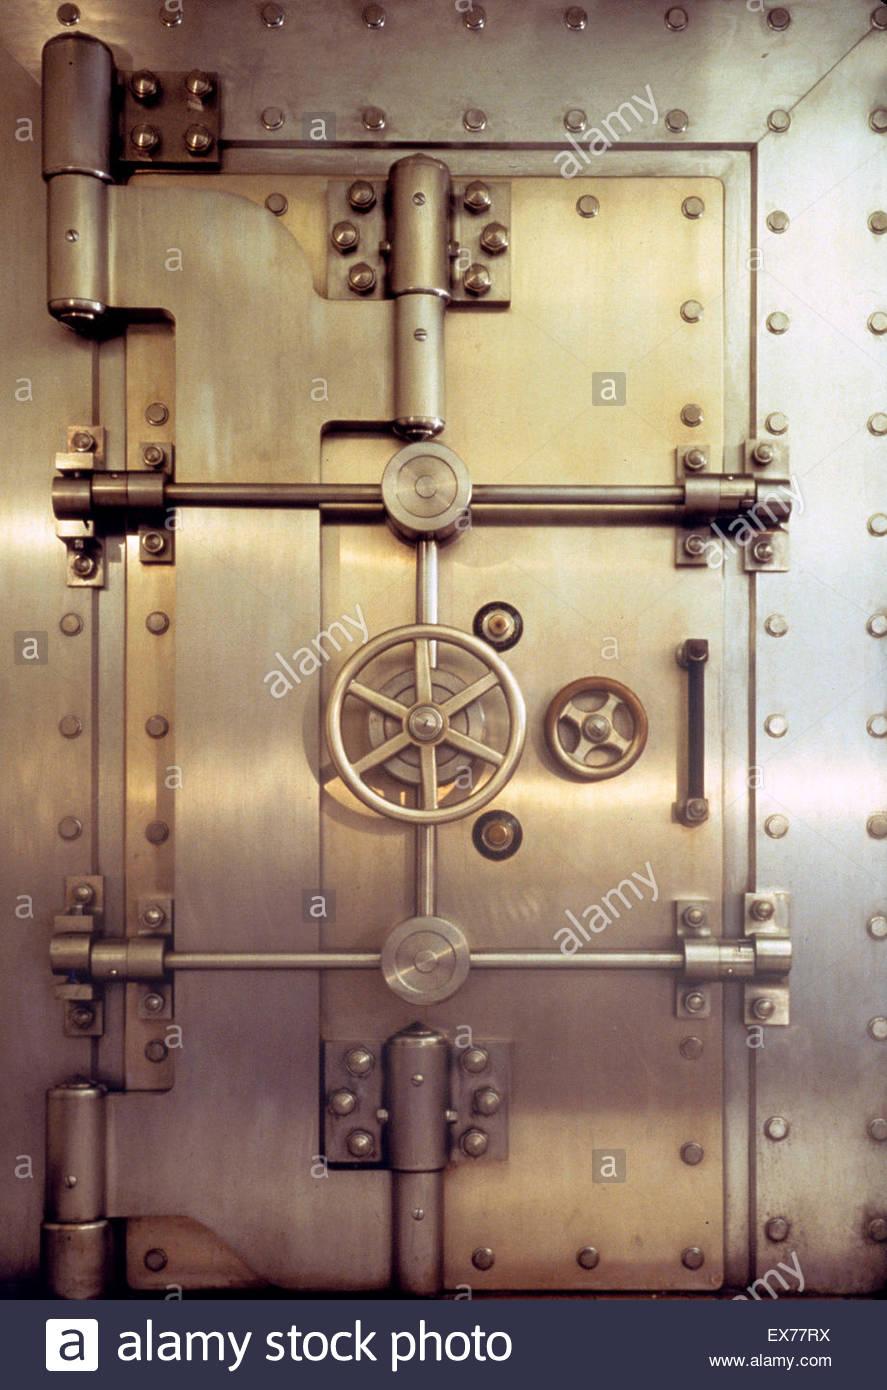 Bank vault door. - Stock Image